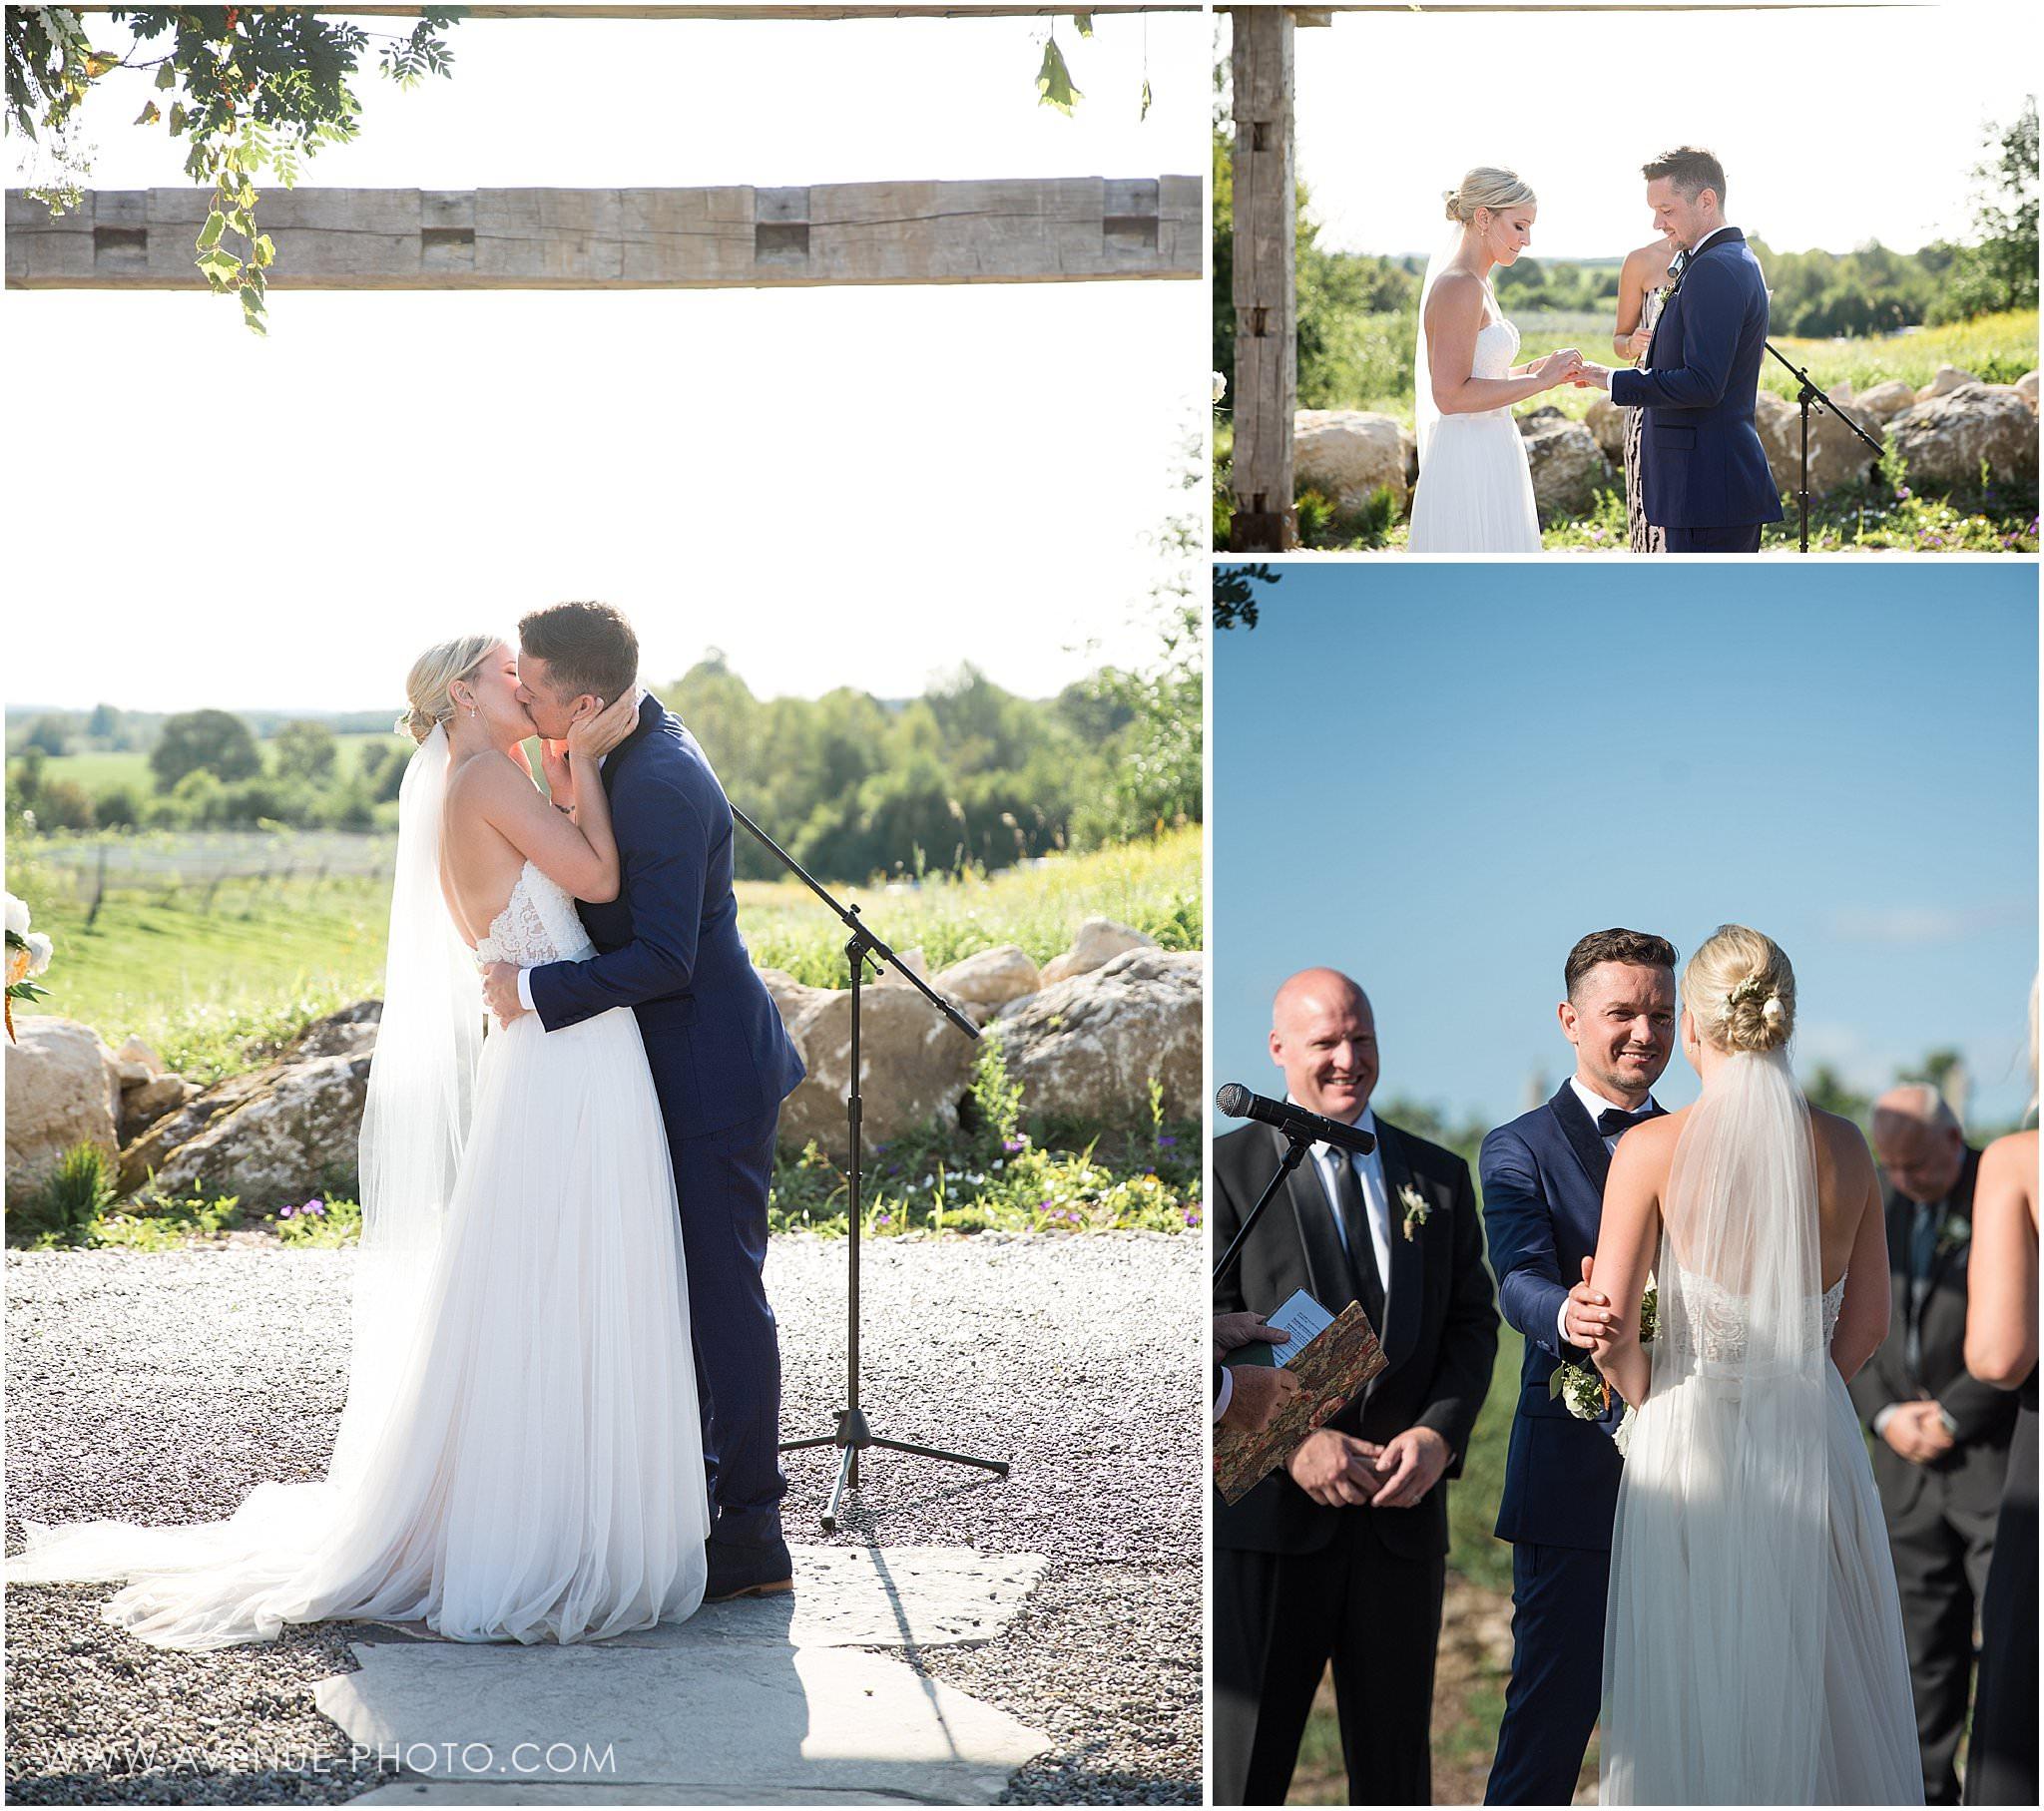 Adamo Estate Winery Wedding Photos, Hockley Valley Wedding Photos, Orangeville Wedding Photos, Vineyard Wedding, Avenue Photo, Ceremony